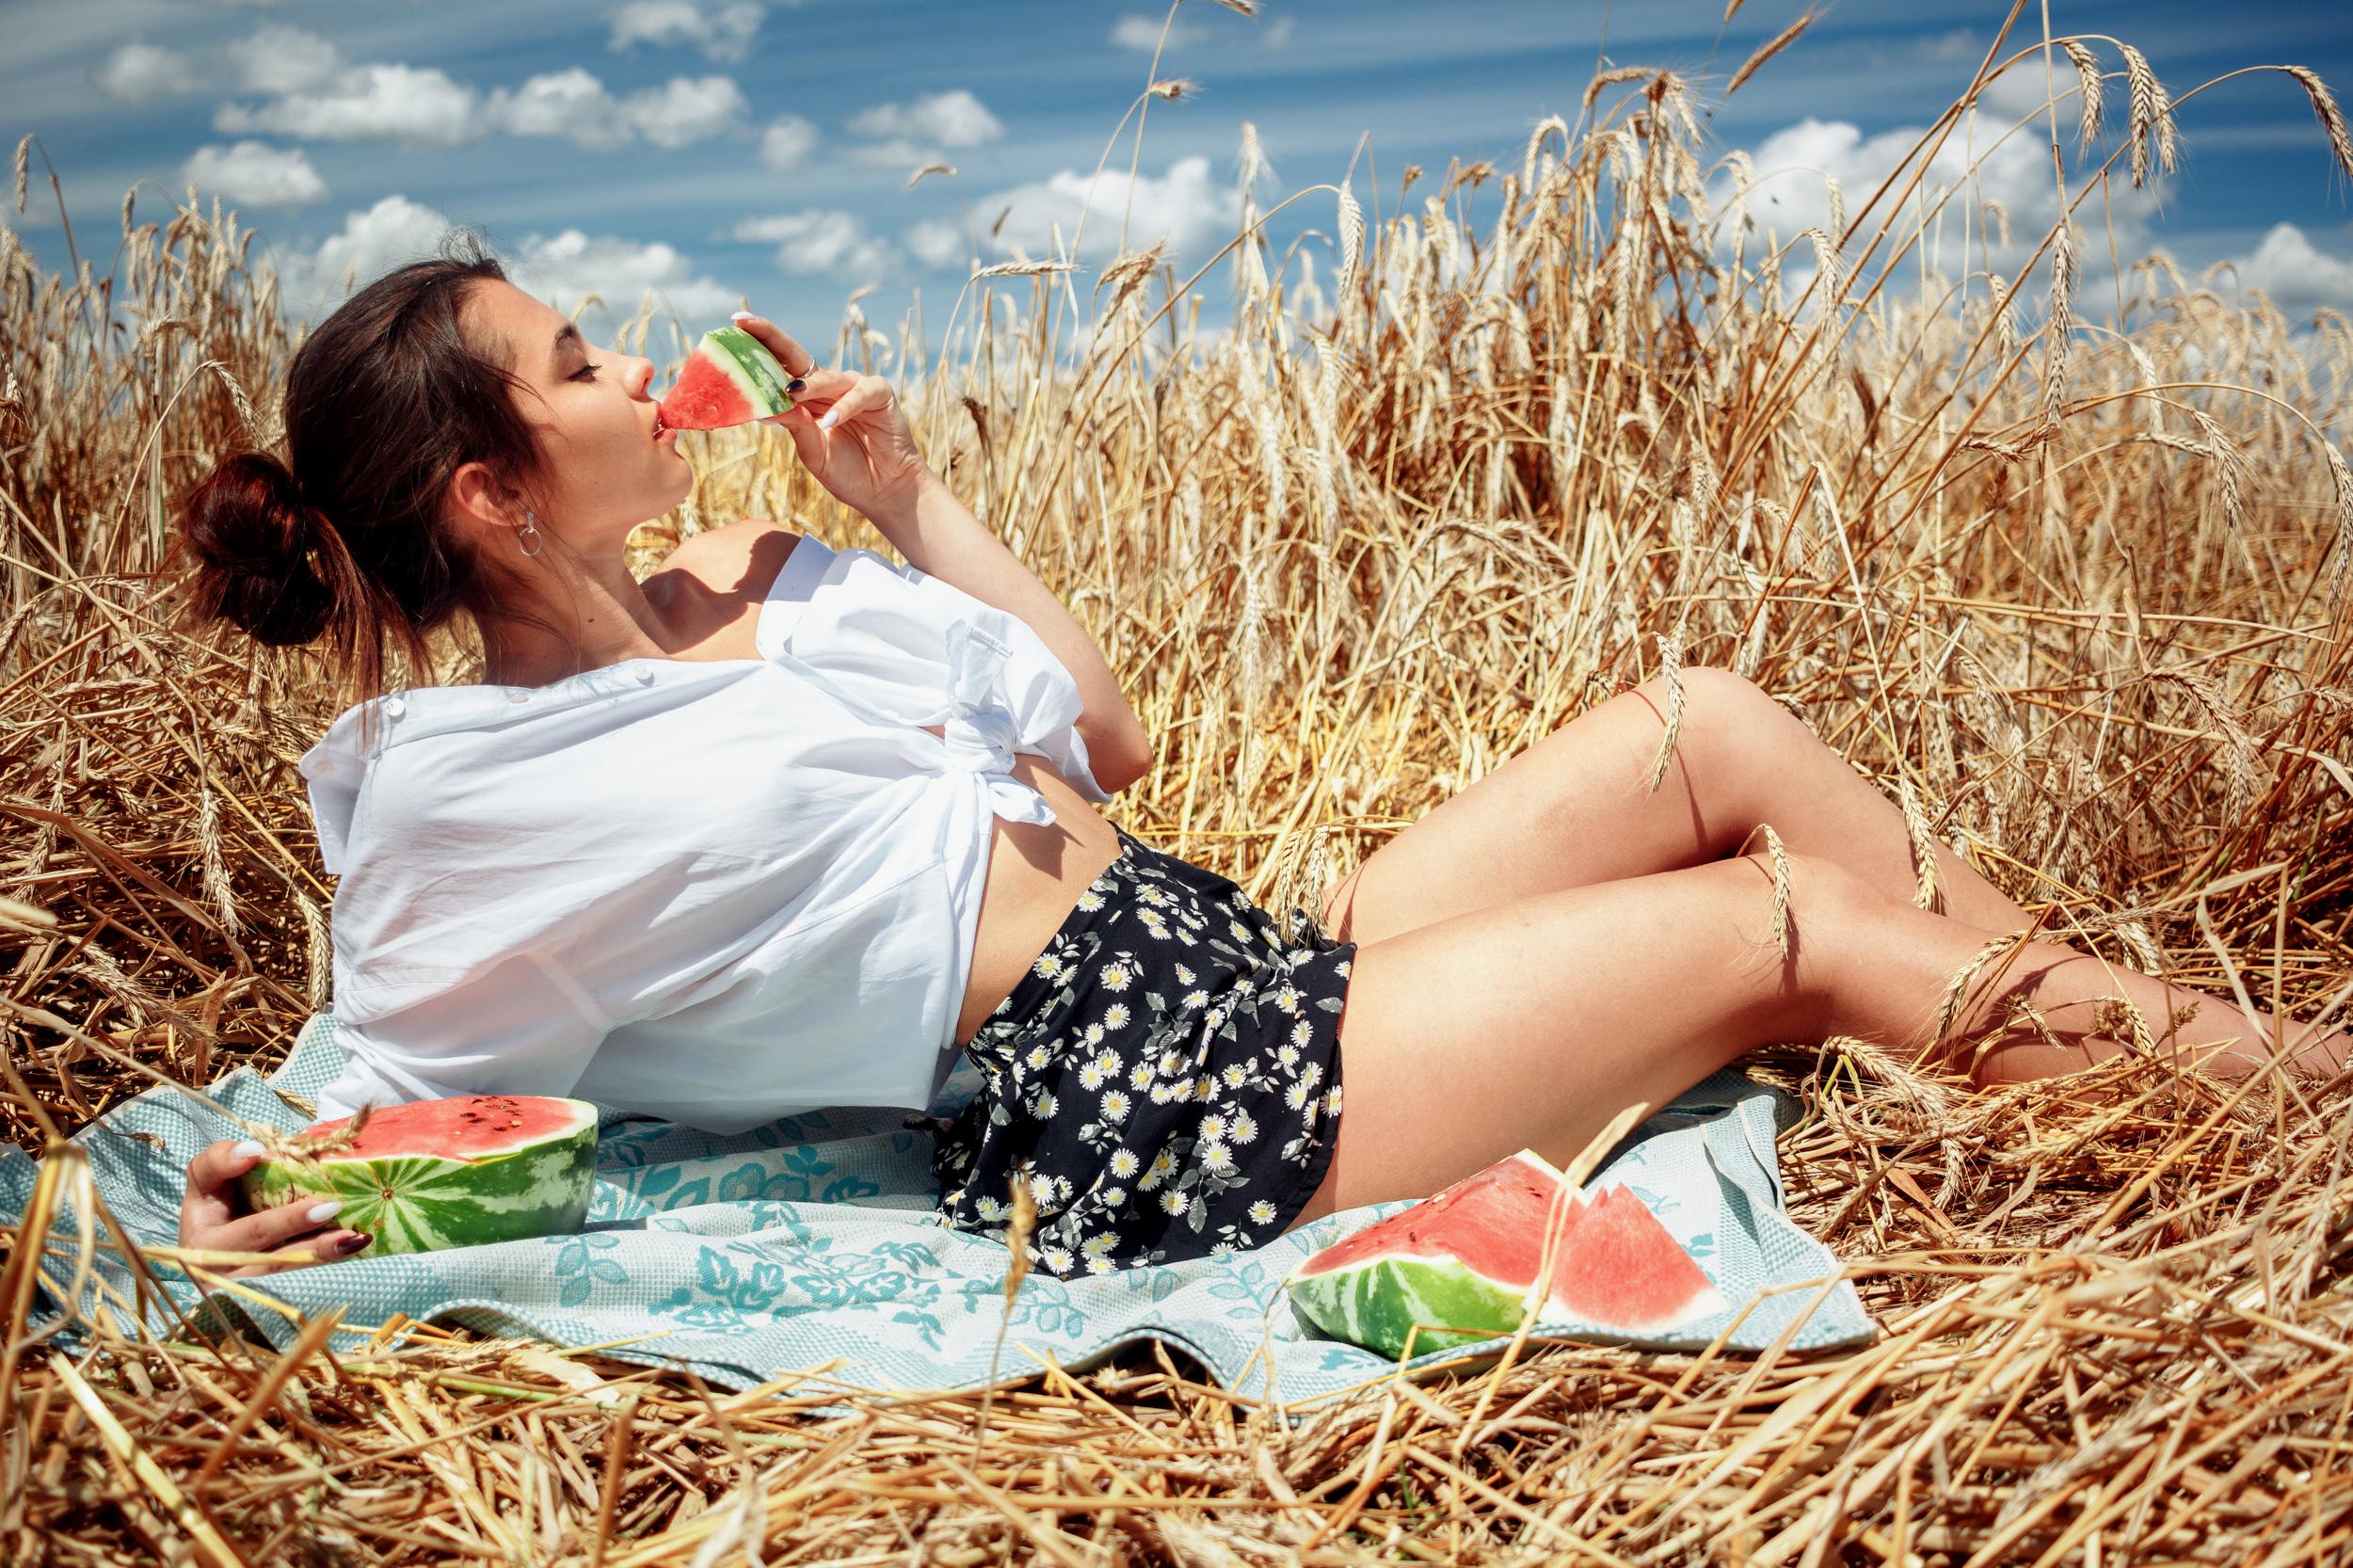 Алеся ест арбуз в поле / фотограф Раков Виктор